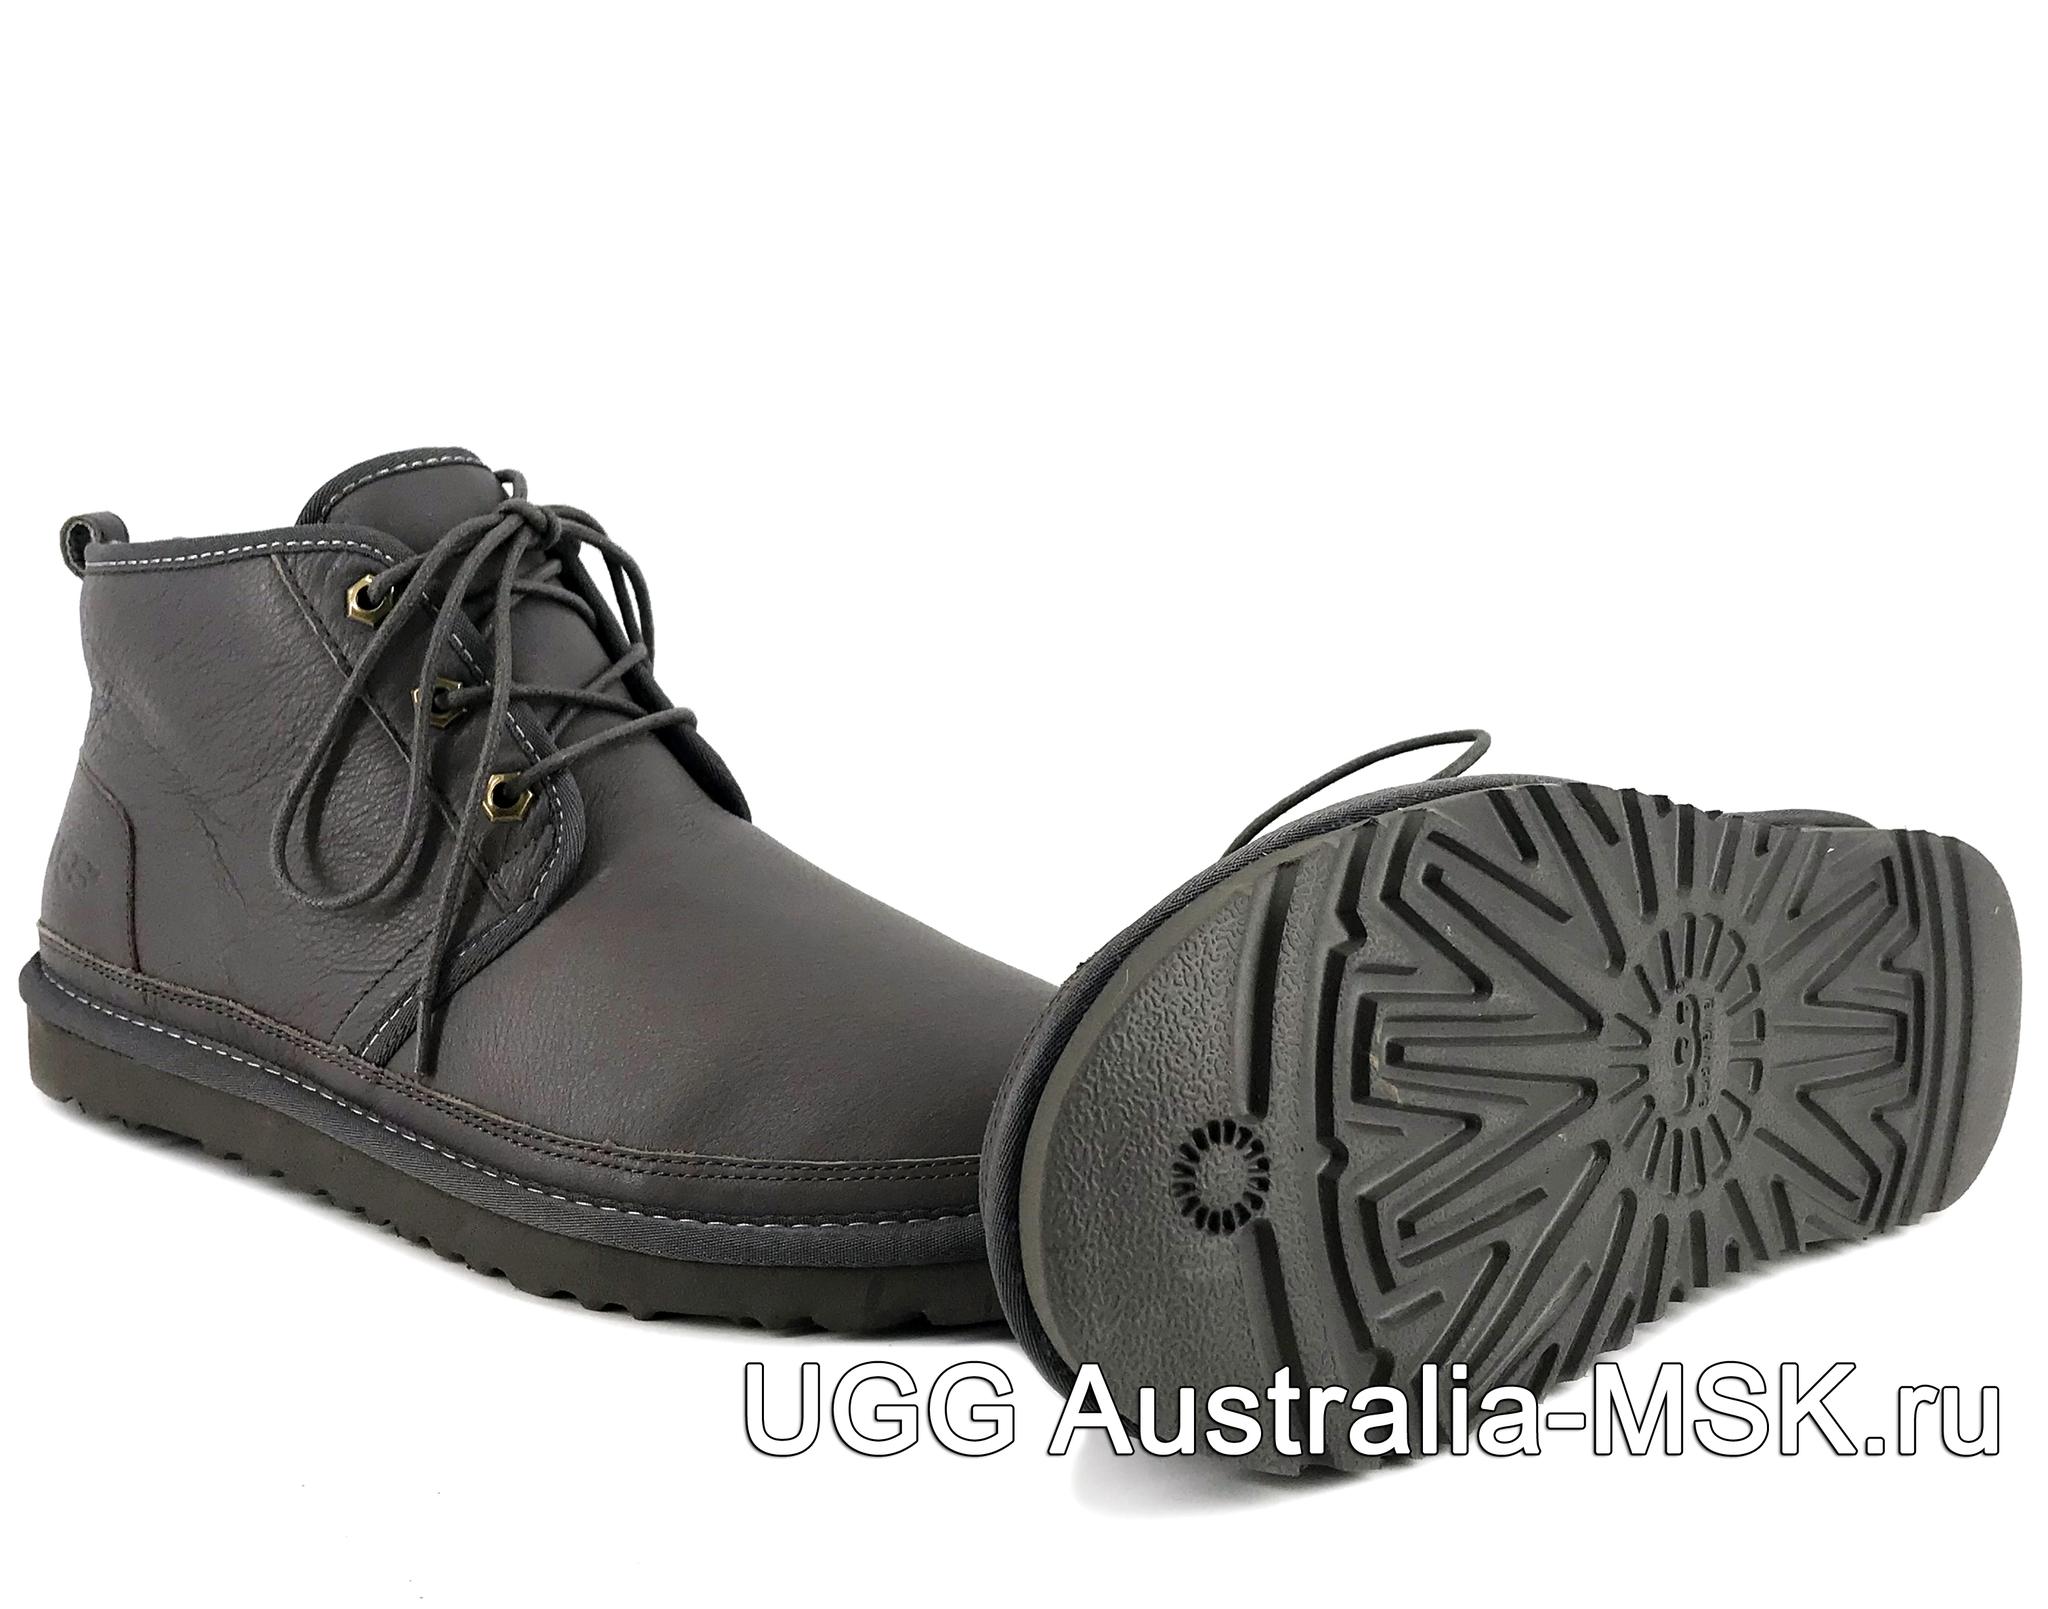 UGG Men's Neumel Metallic Grey